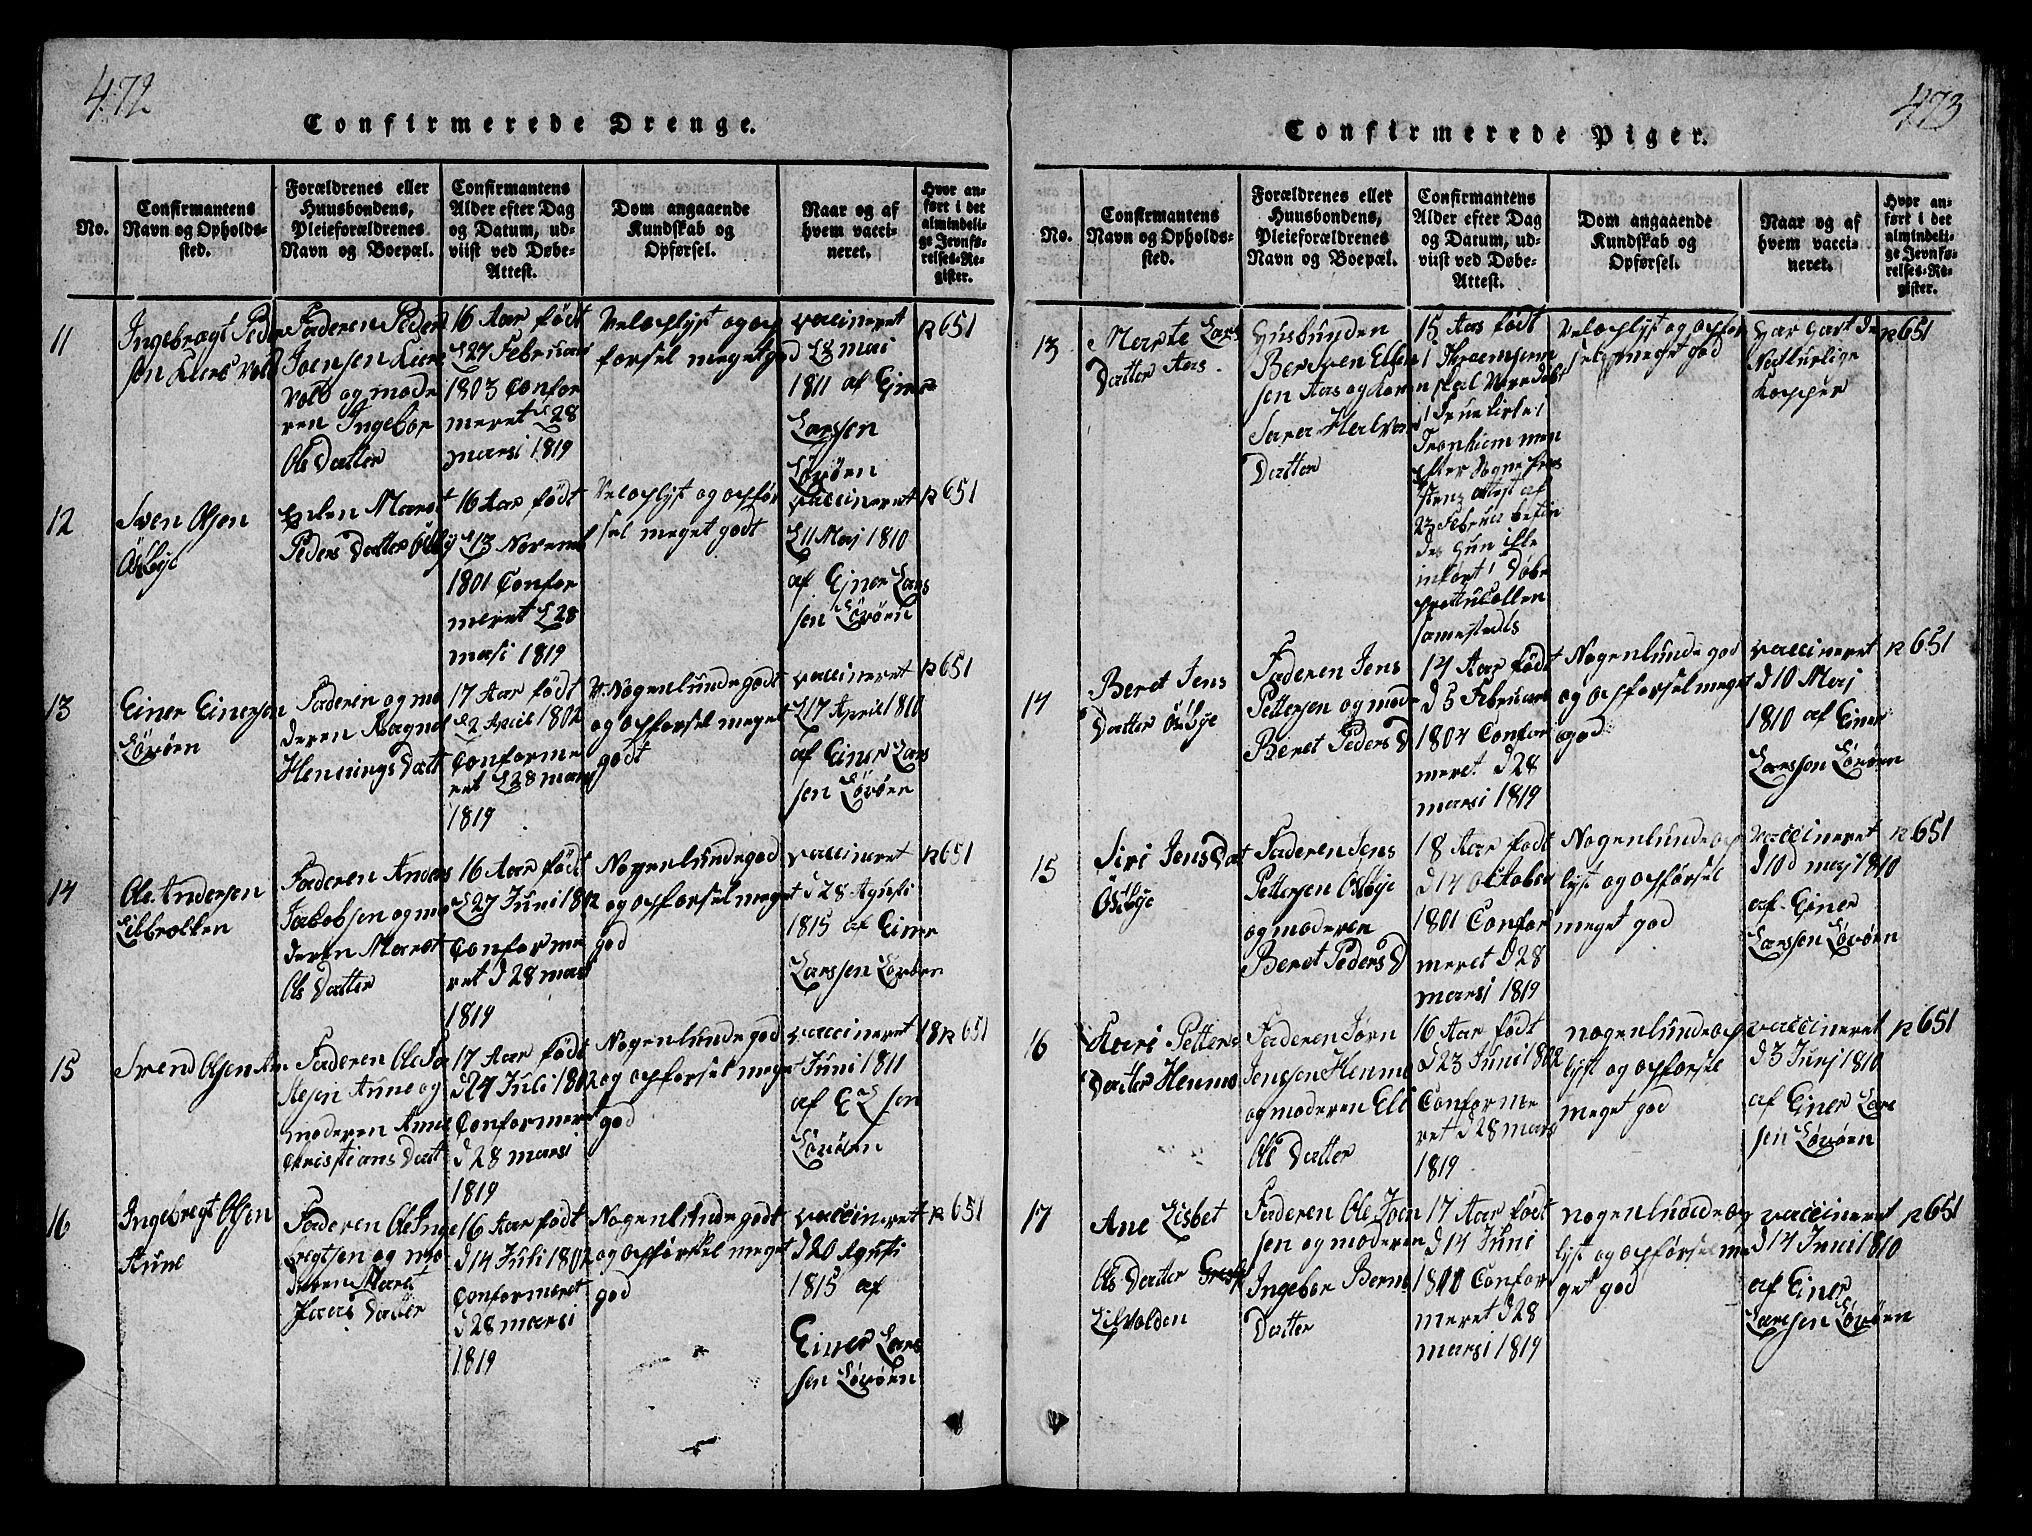 SAT, Ministerialprotokoller, klokkerbøker og fødselsregistre - Sør-Trøndelag, 698/L1164: Klokkerbok nr. 698C01, 1816-1861, s. 472-473